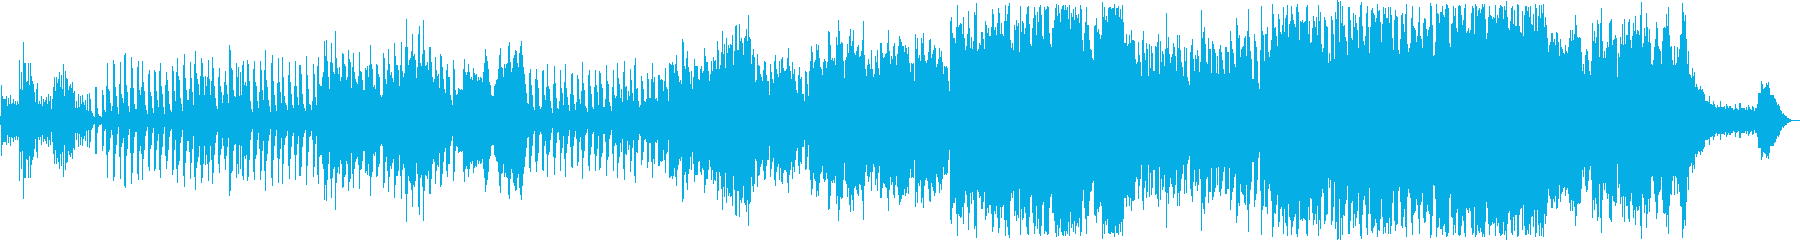 メルヘンな管楽器・弦楽器・鉄琴などの再生済みの波形